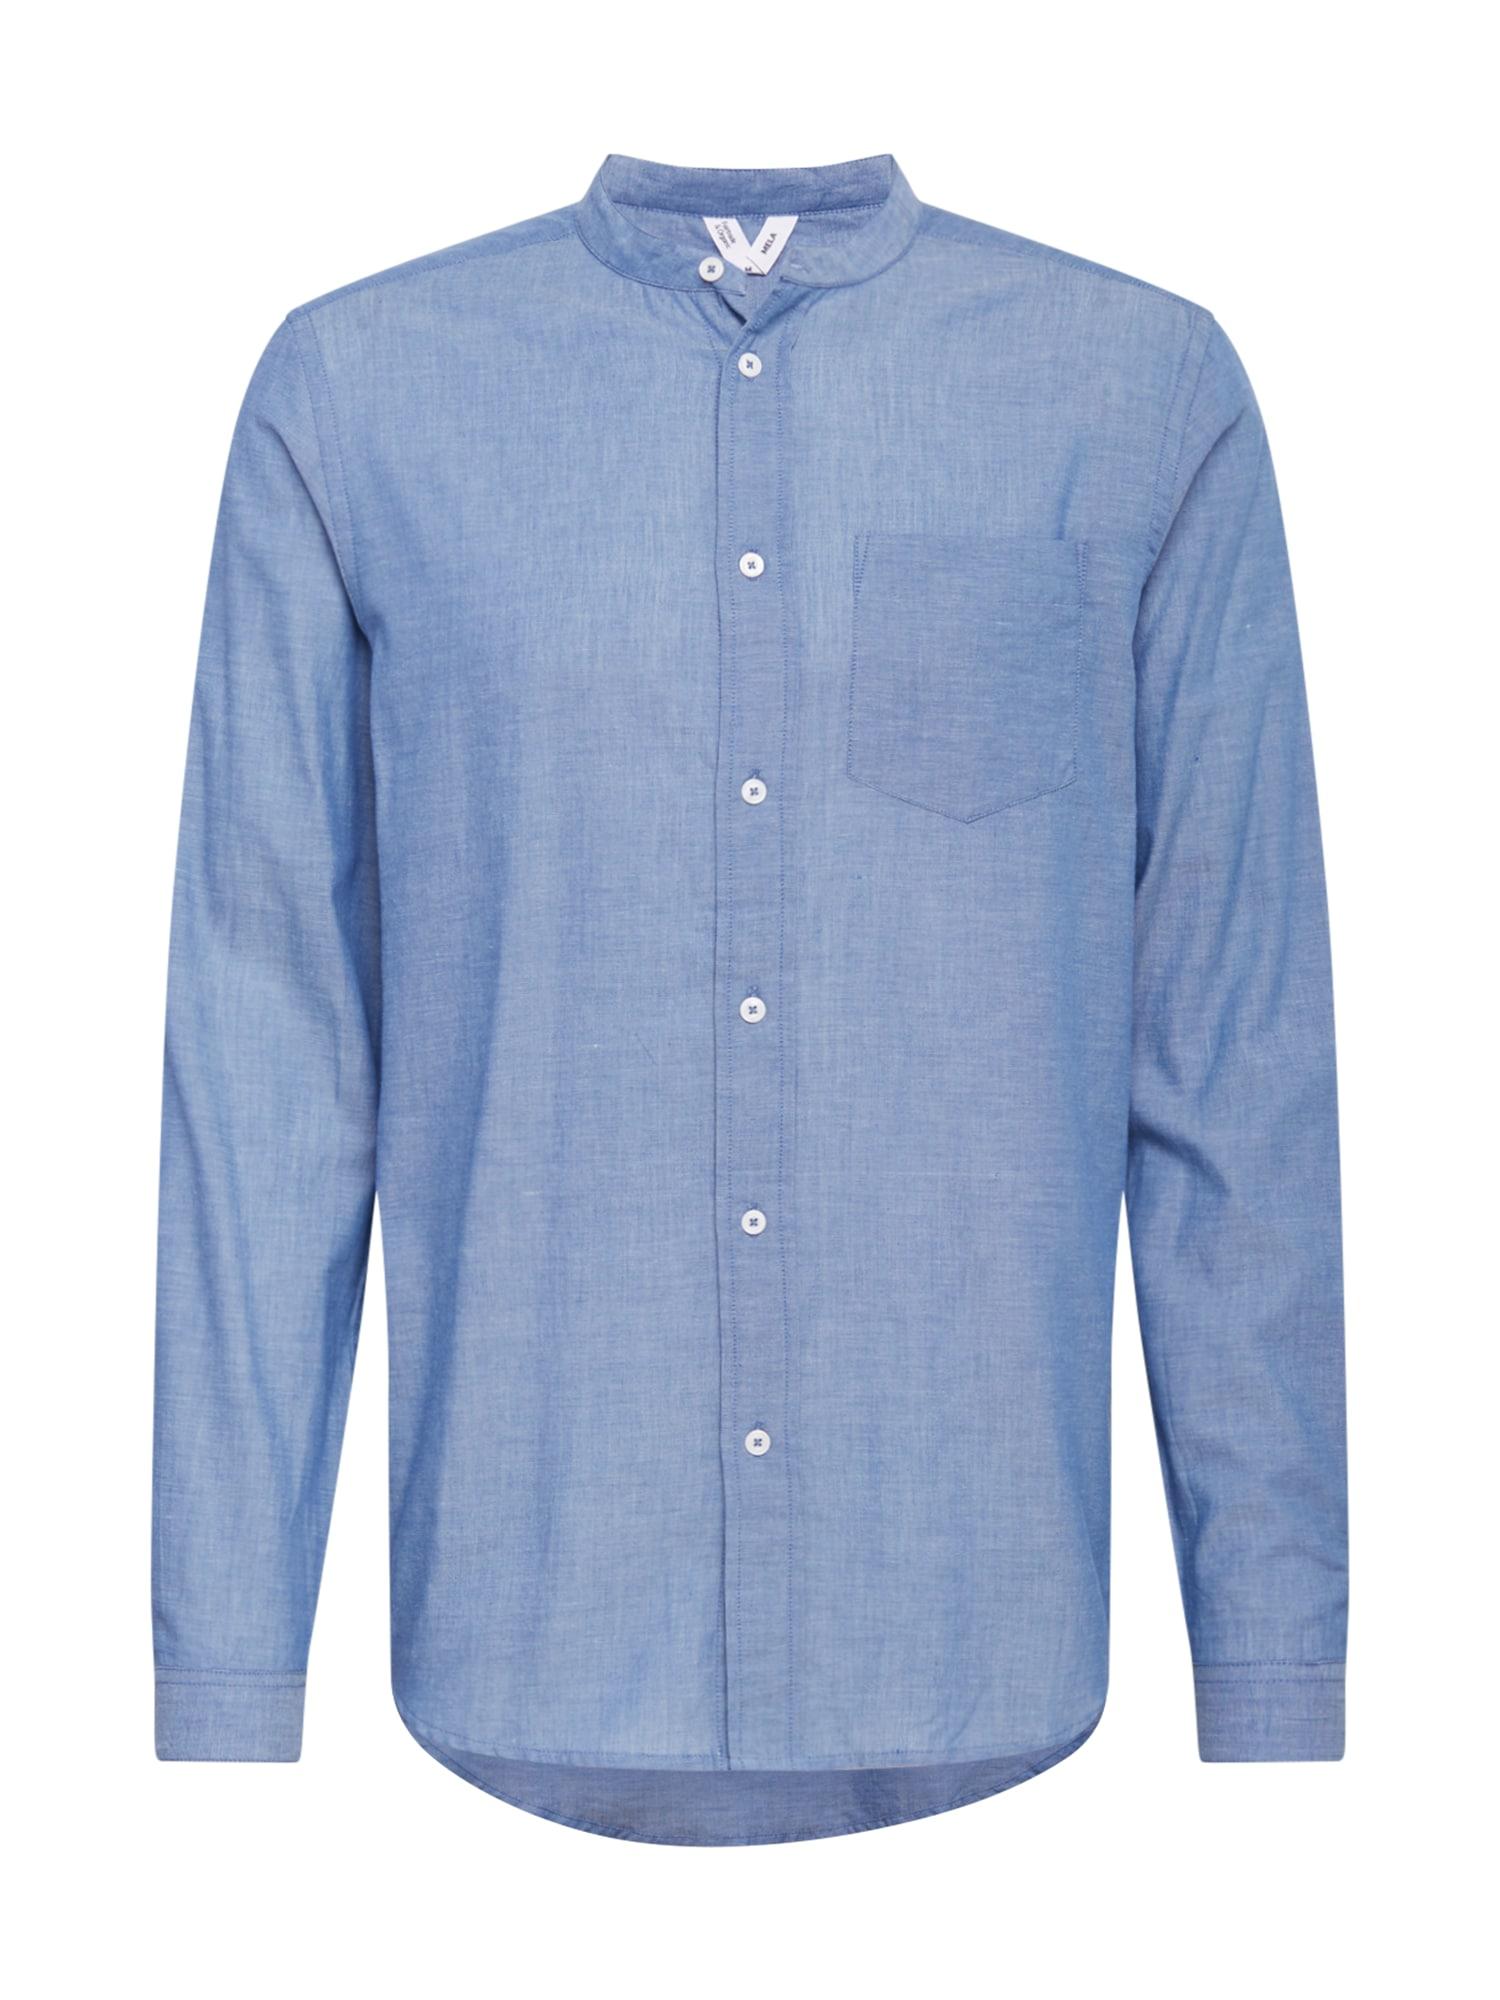 MELAWEAR Marškiniai